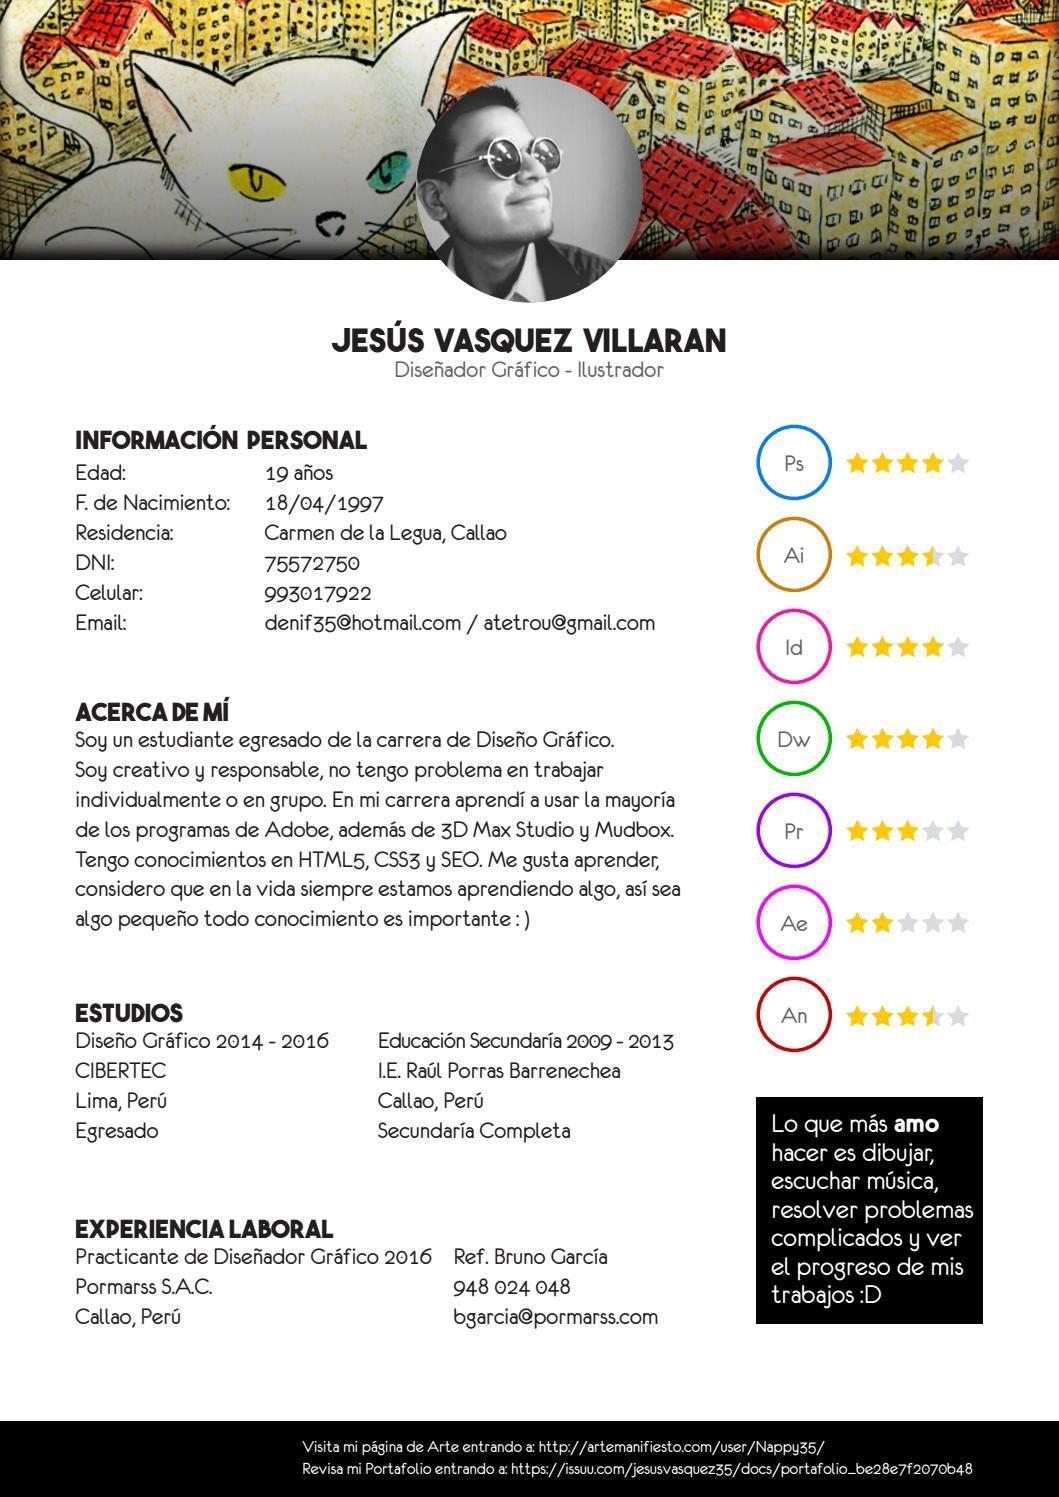 Curriculum Vitae | Pinterest | Diseñadores gráficos, Portafolio y ...